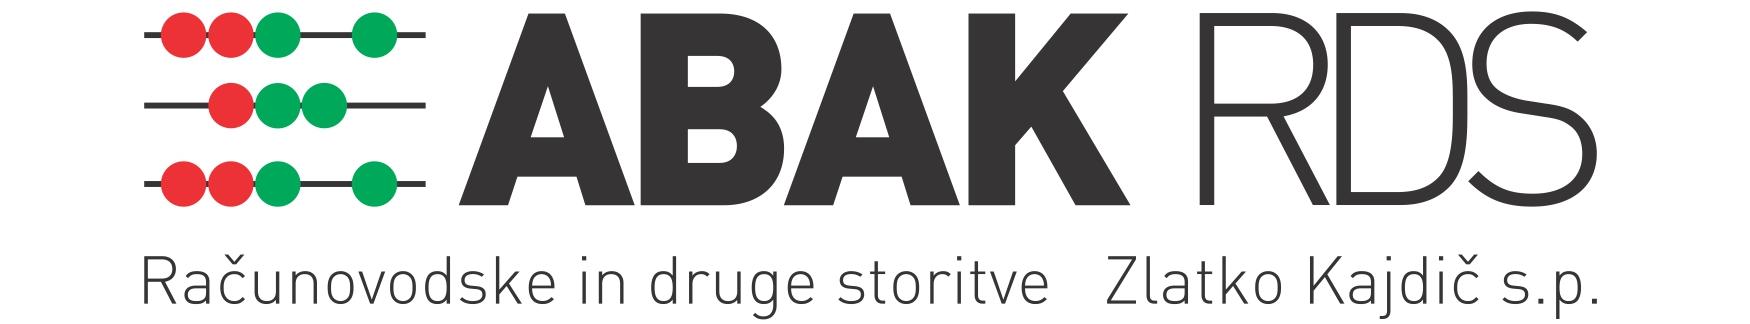 ABAK RDS, Računovodske in druge storitve, Zlatko Kajdič s.p.